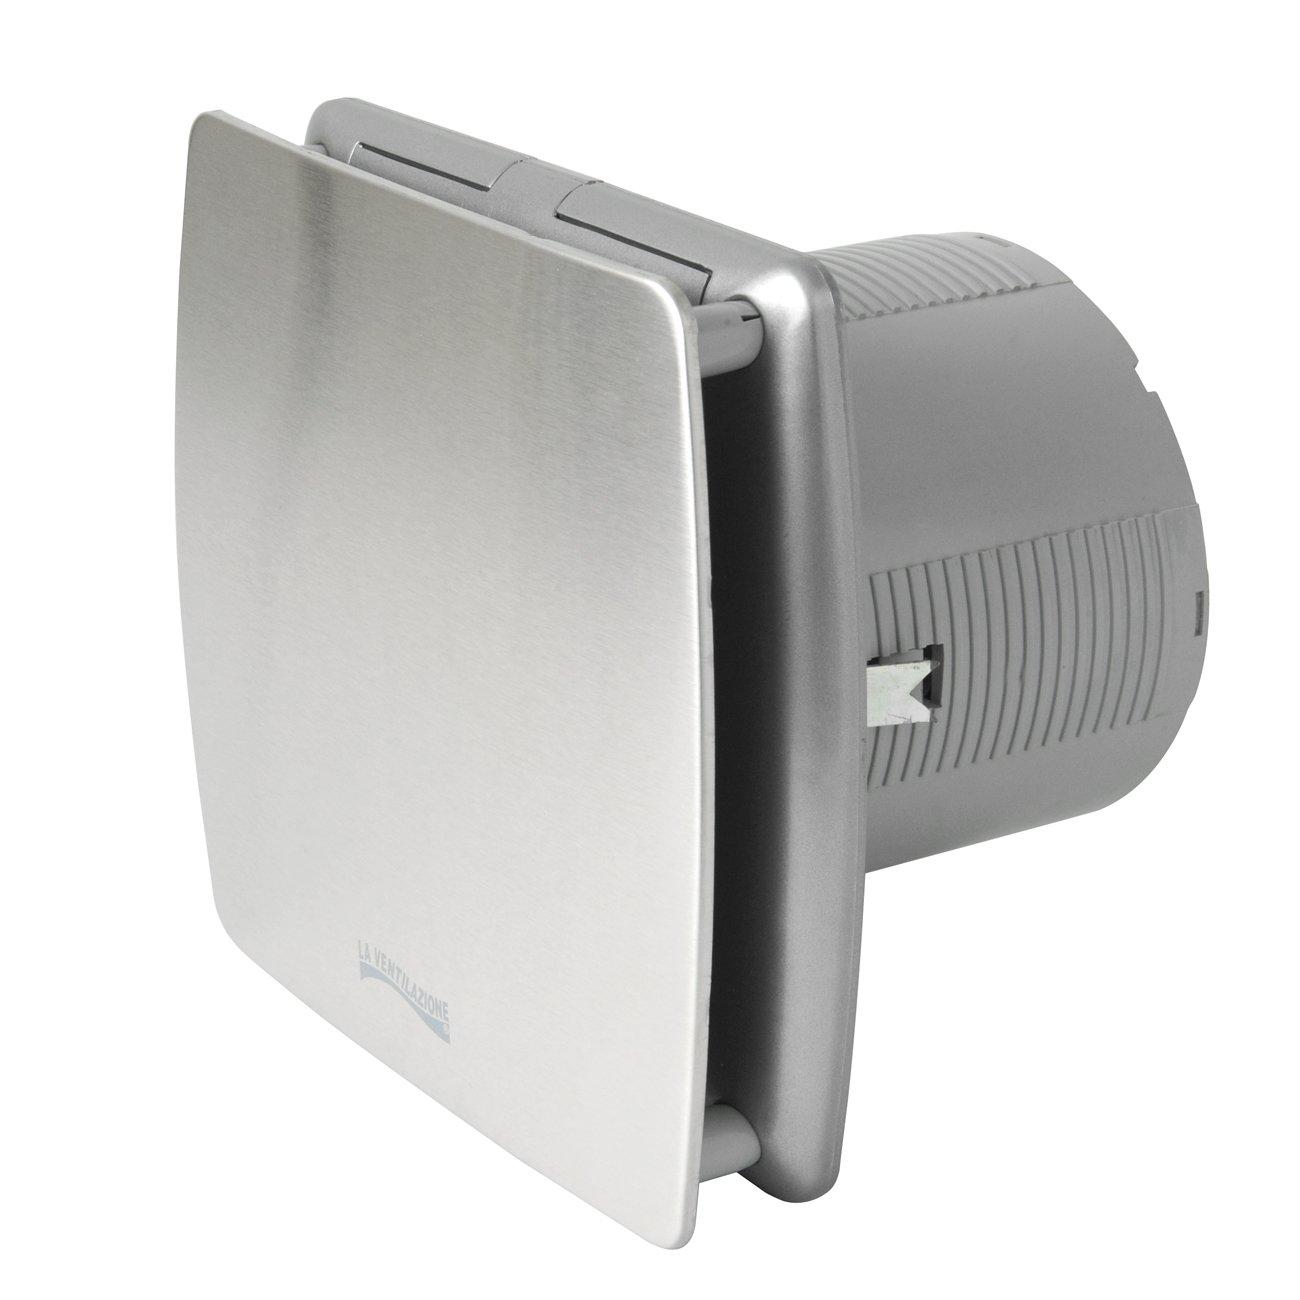 La Ventilazione AA12IN Aspiratore Elicoidale Estetico Grigio, per Foro diametro 120 mm / 5